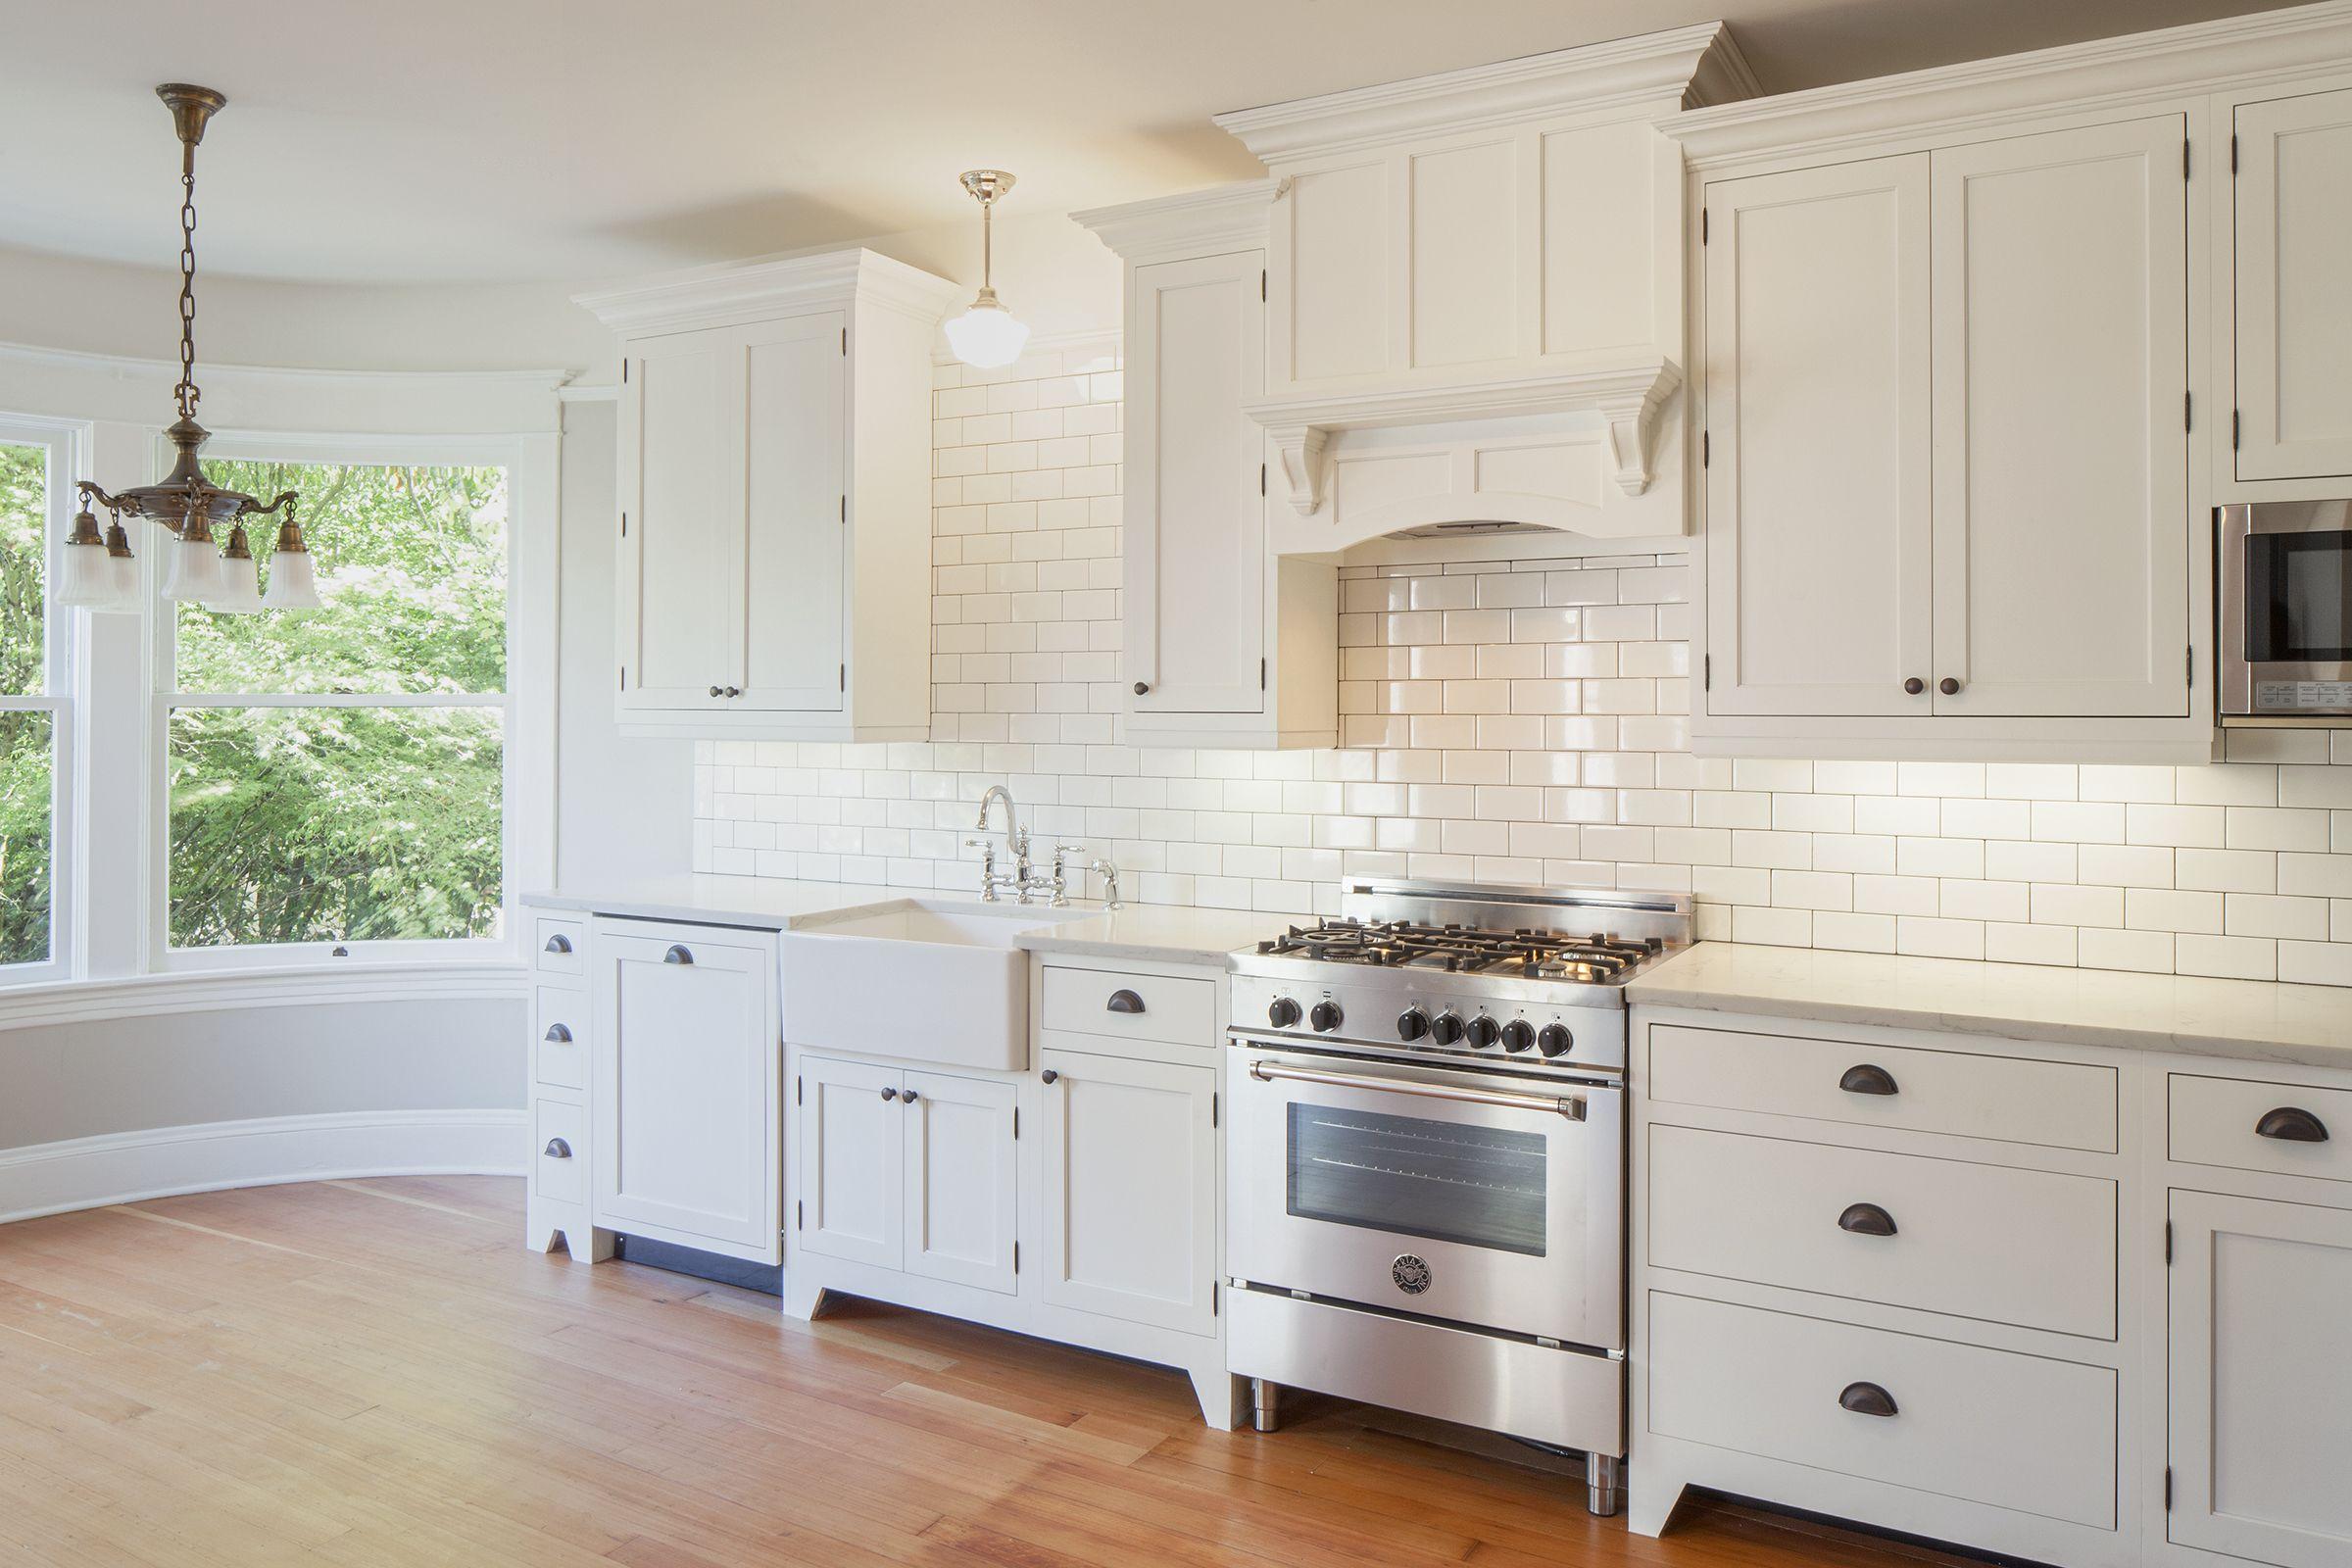 Modern White Loft Aprtment Kitchen R H Construction Kitchen Kitchen Cabinets White Loft